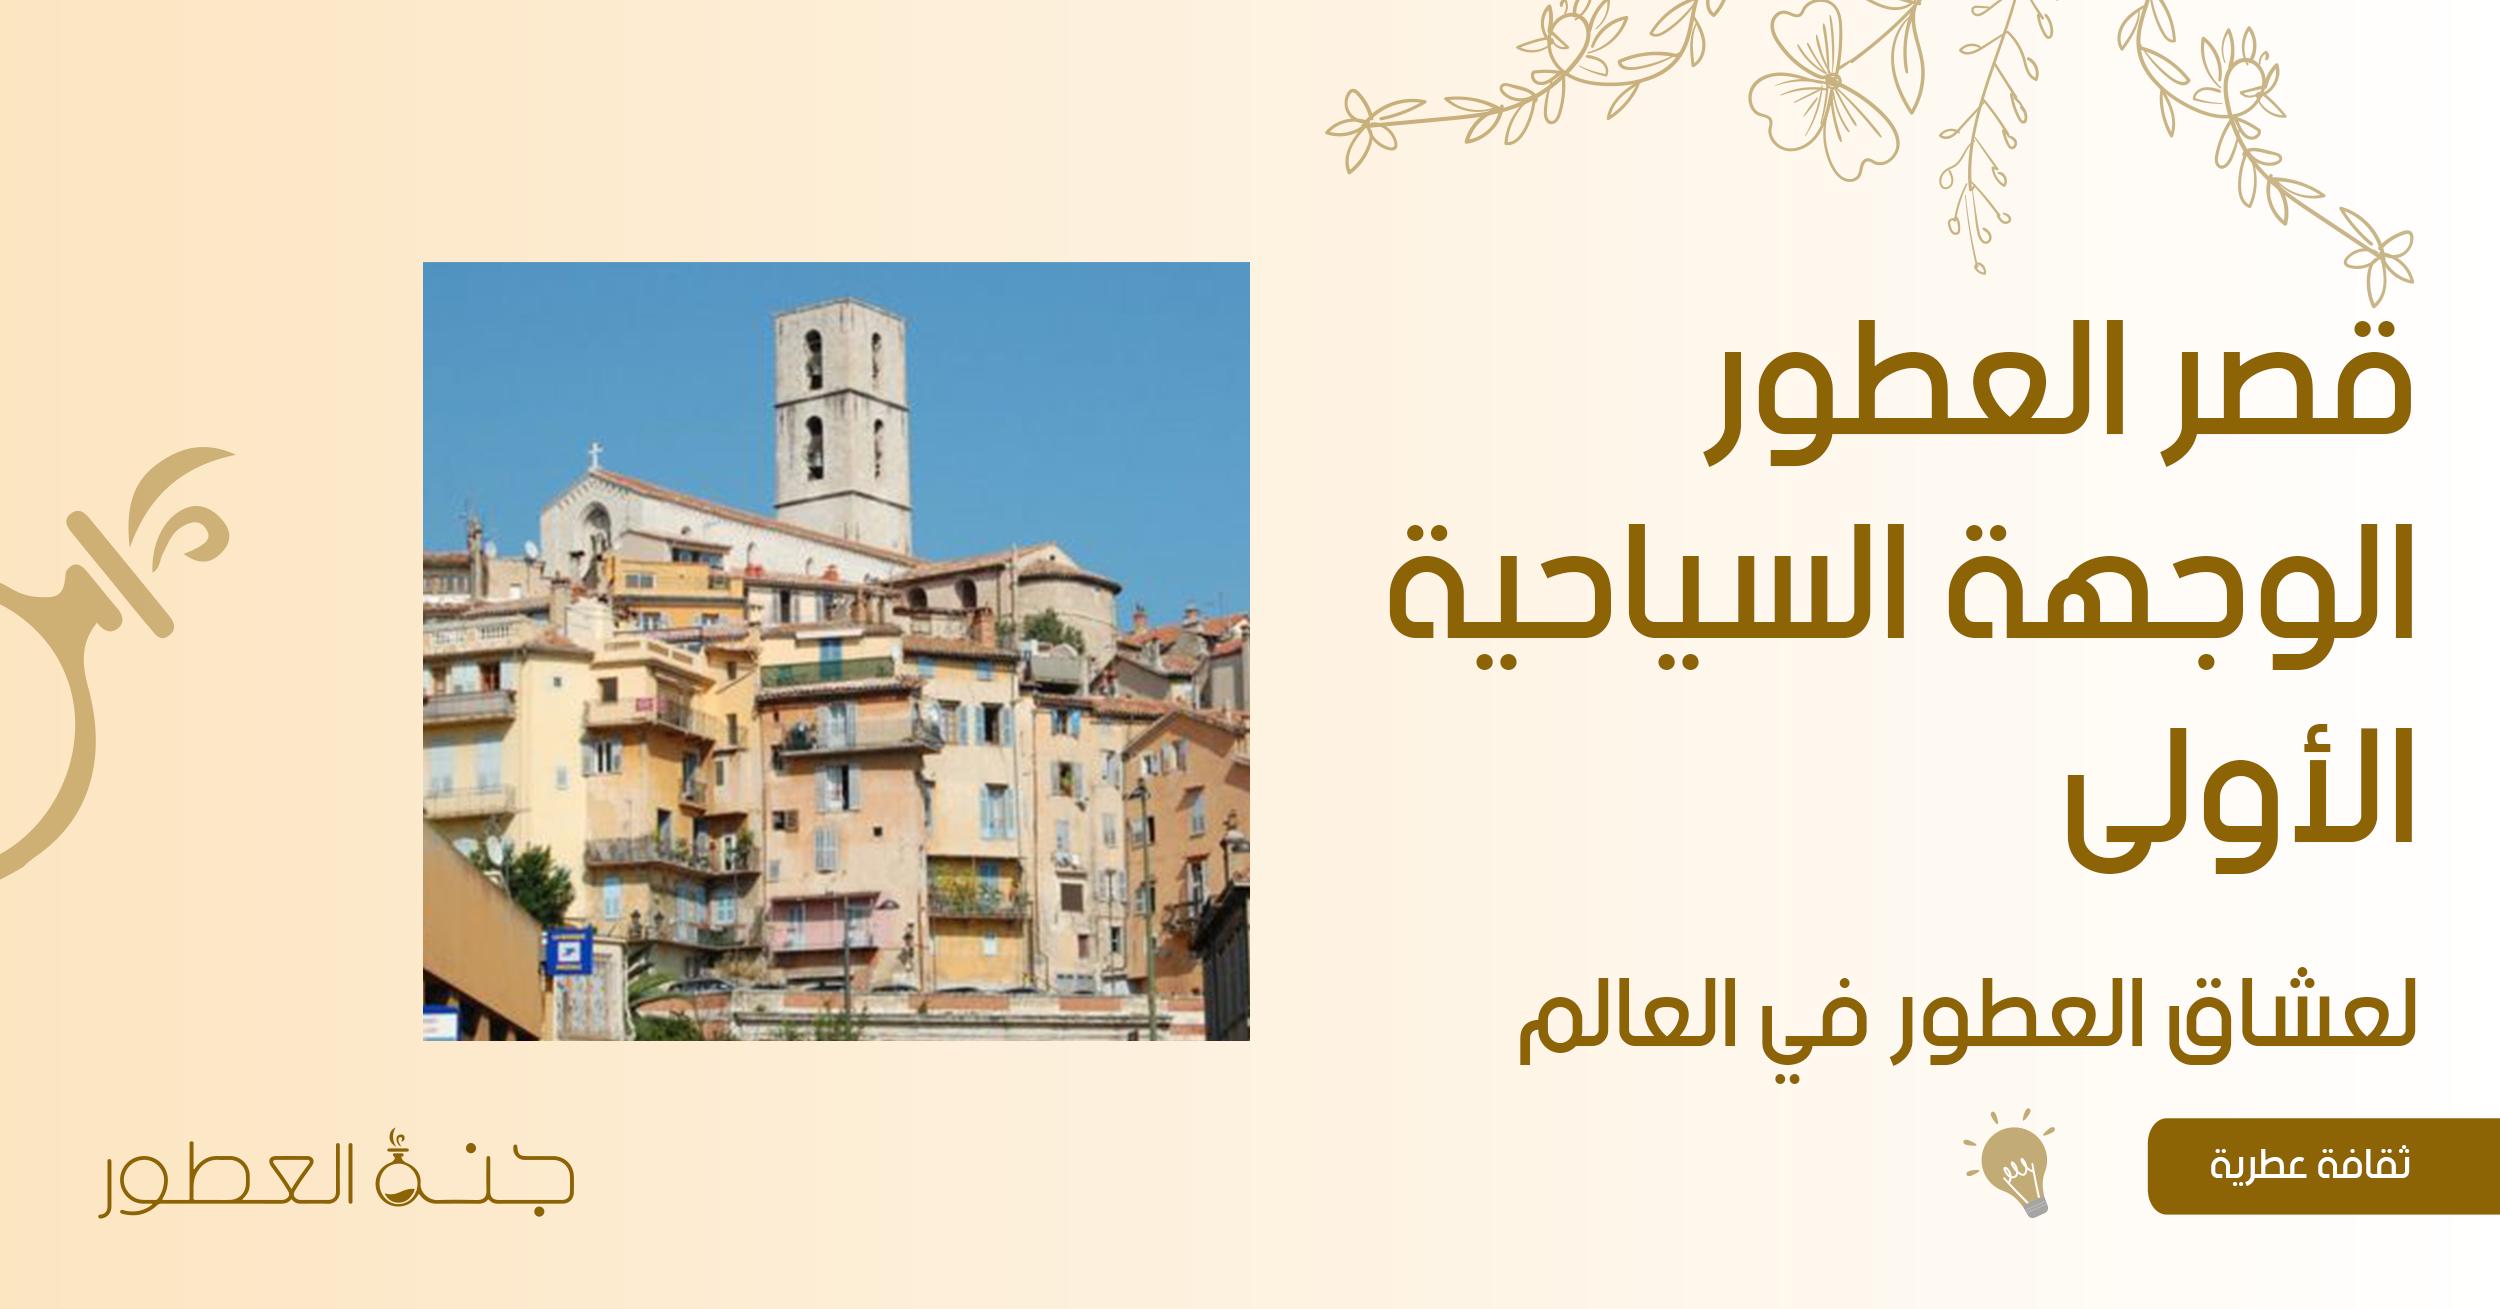 قصر العطور الوجهة السياحية الأولى لعشاق العطور في العالم - جنة العطور